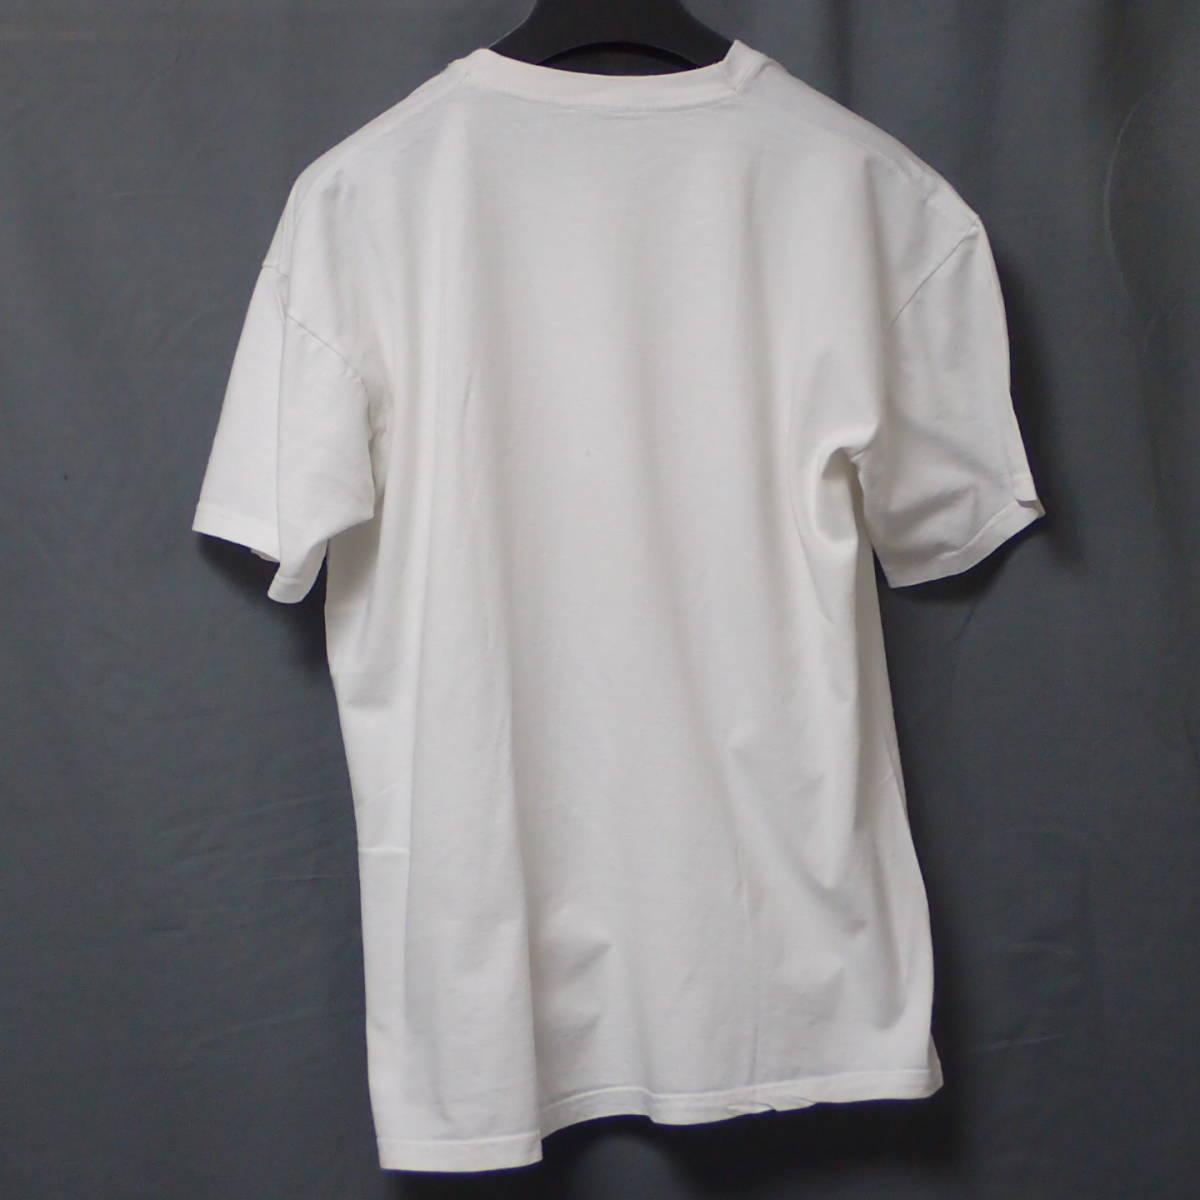 ■ 90s GBH Vintage T-shirt ■ ジービーエイチ ヴィンテージ Tシャツ 白 コットン 当時物 本物 バンドT ロックT G.B.H パンク_画像4